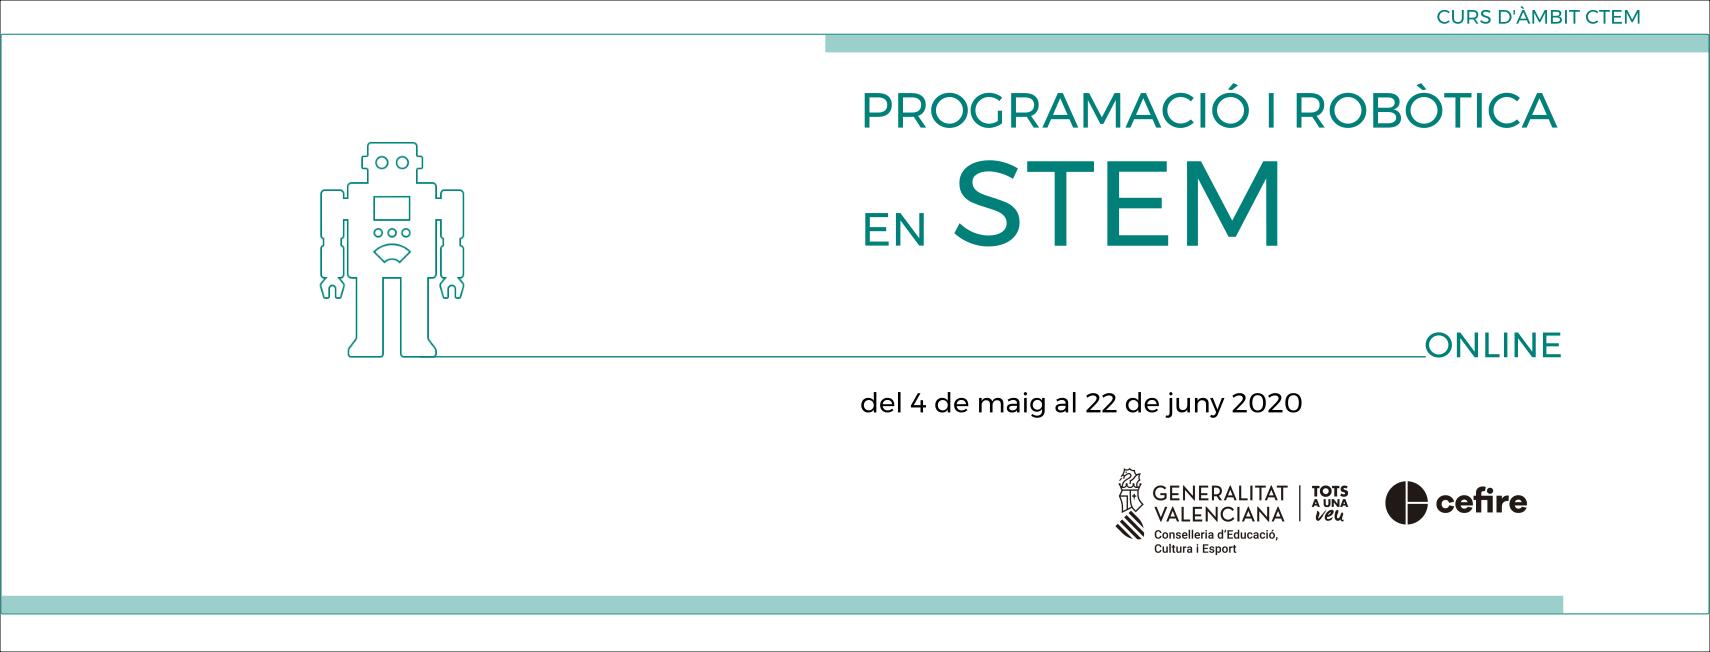 PROGRAMACIÓ I ROBÒTICA EN STEM